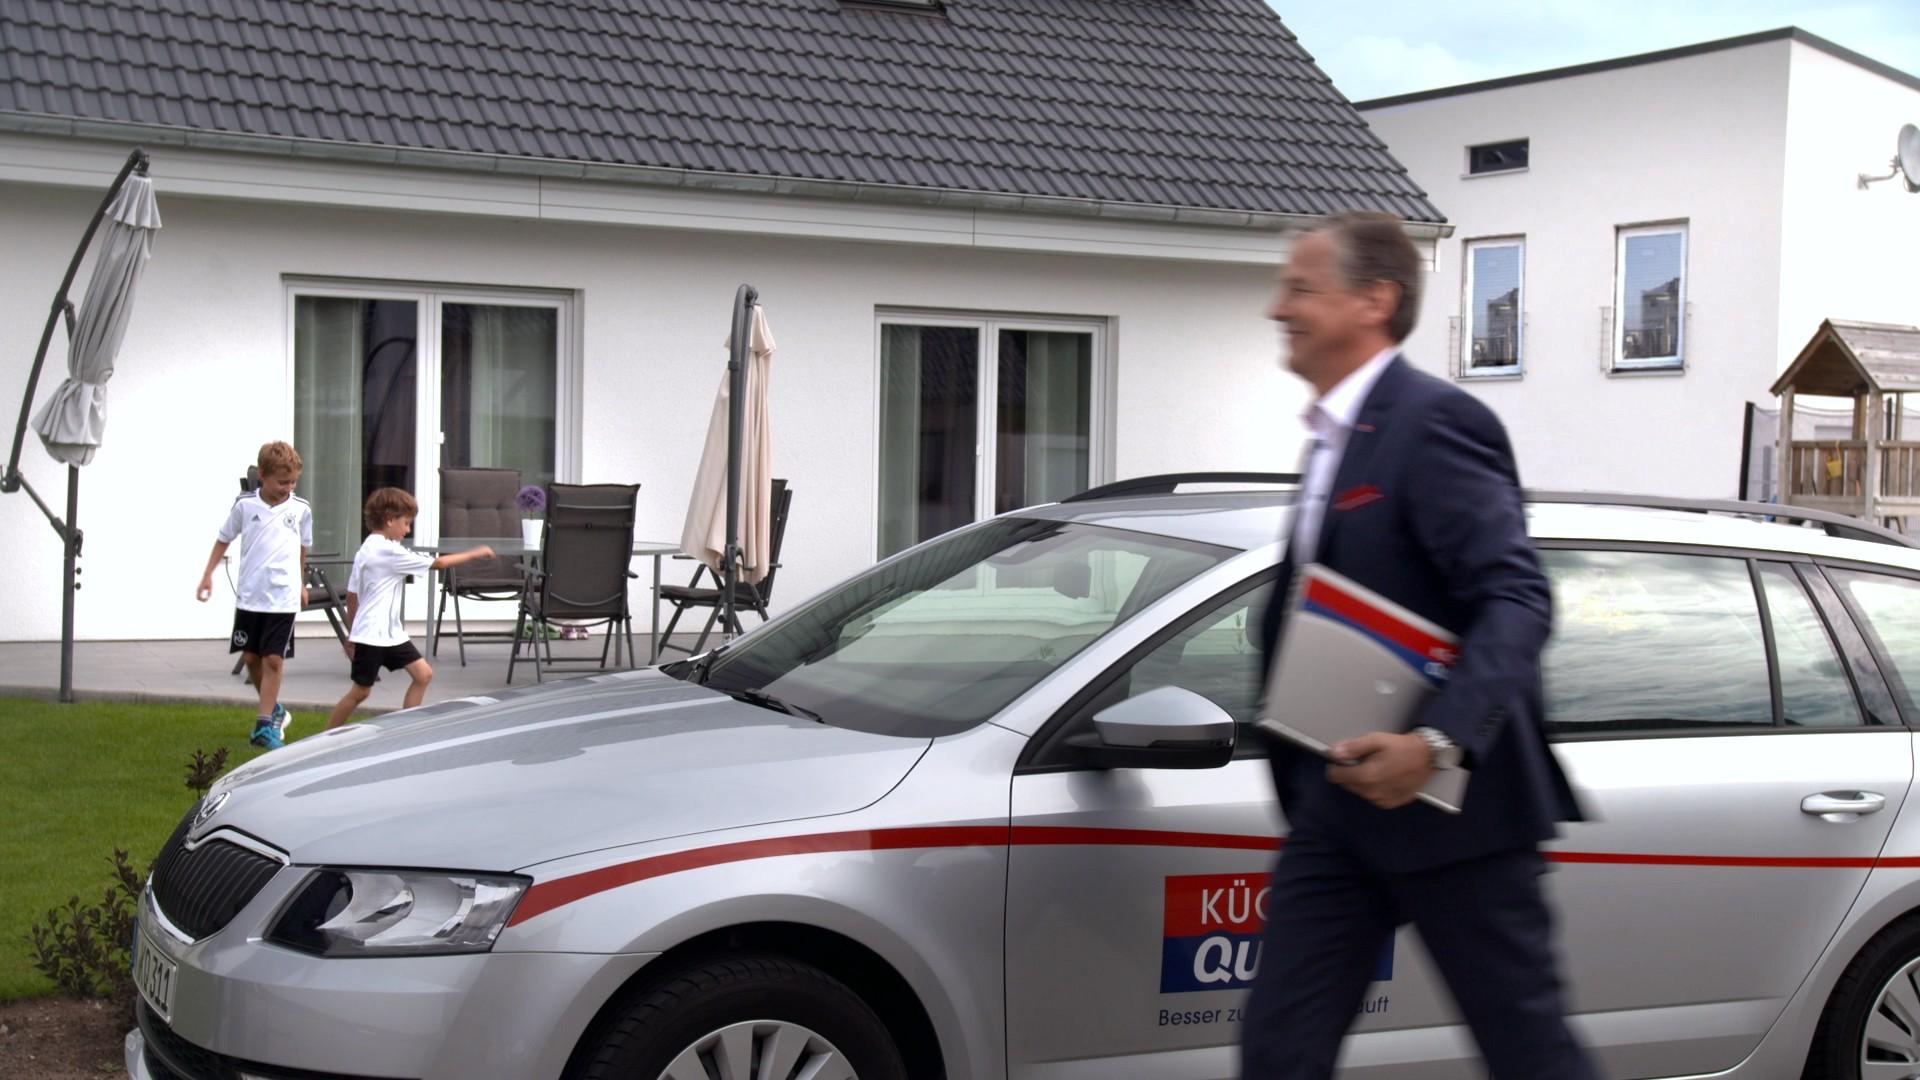 KÜCHEN-QUELLE: Aus Alt mach Neu – Telefilm | Filmproduktion ...